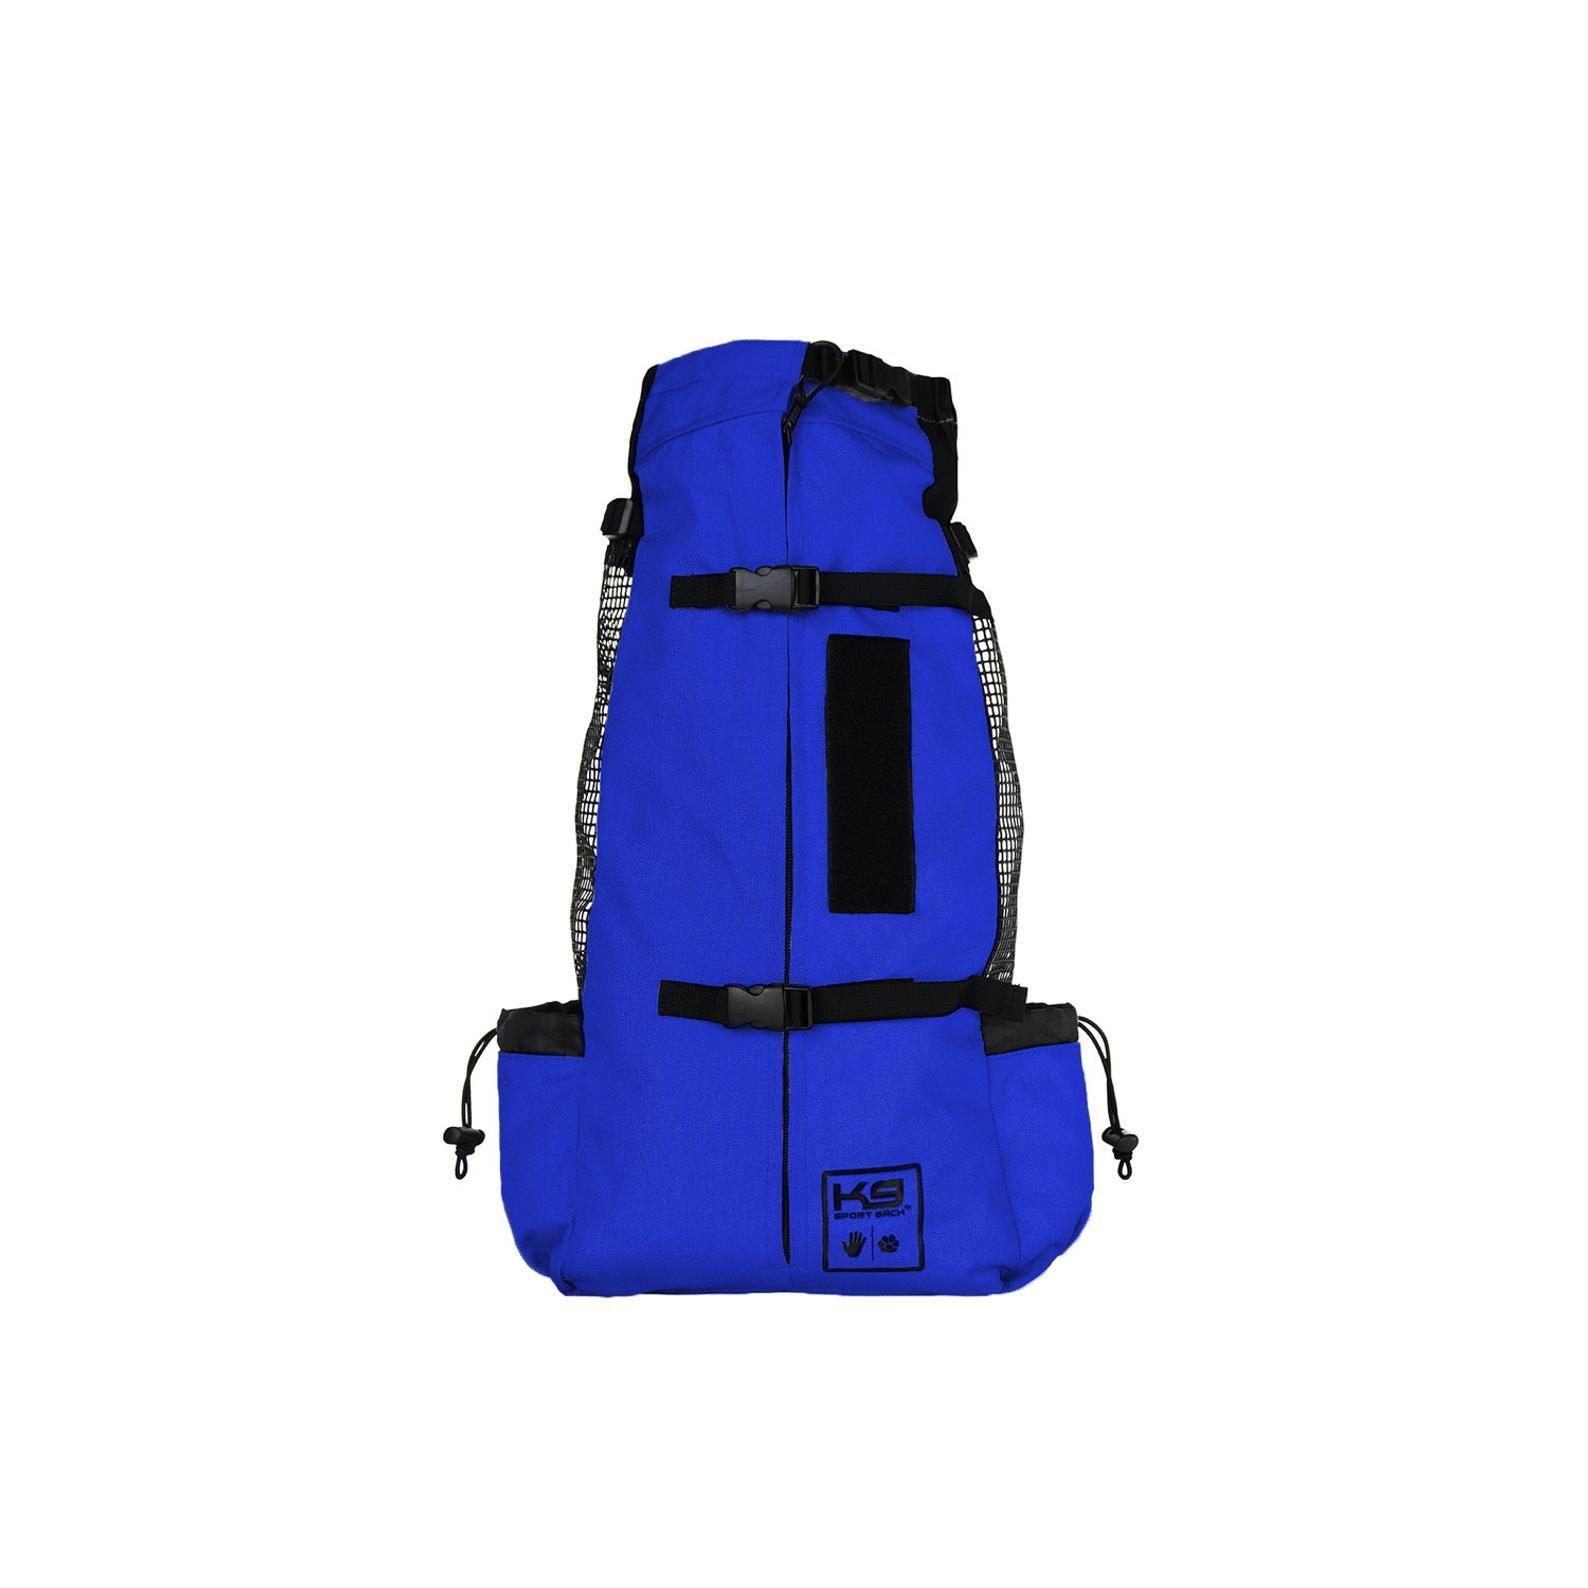 K9 Sport Sack AIR Dog Carrier Backpack, Pet Carrier